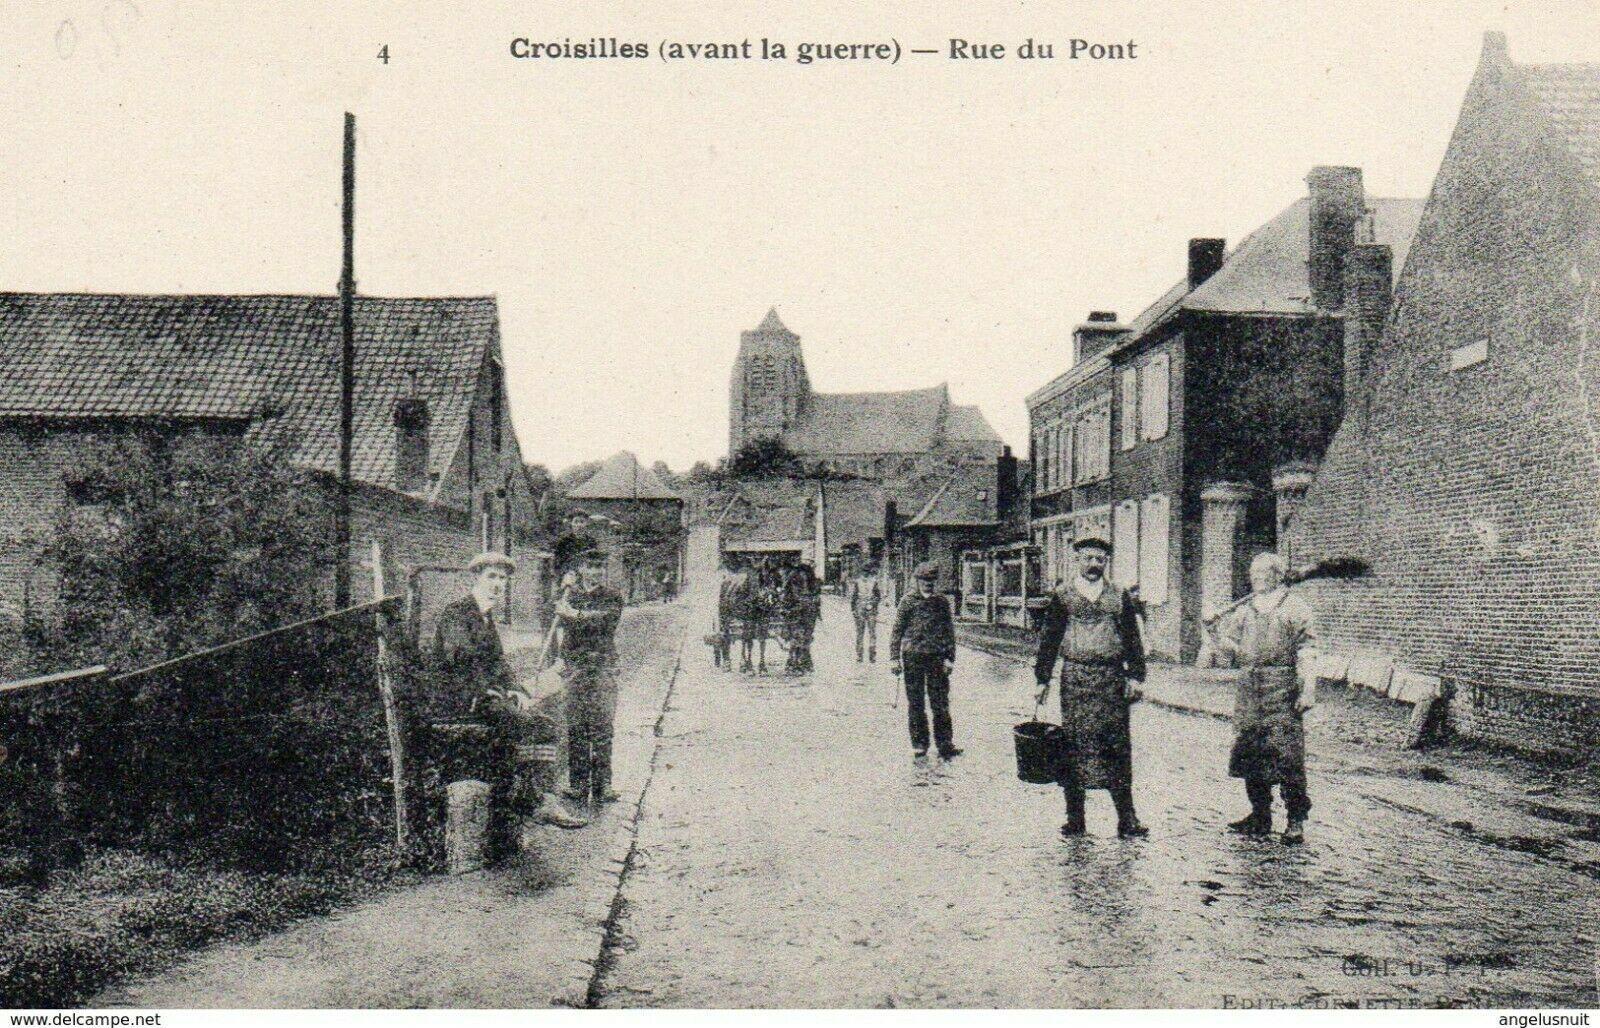 Croisilles4